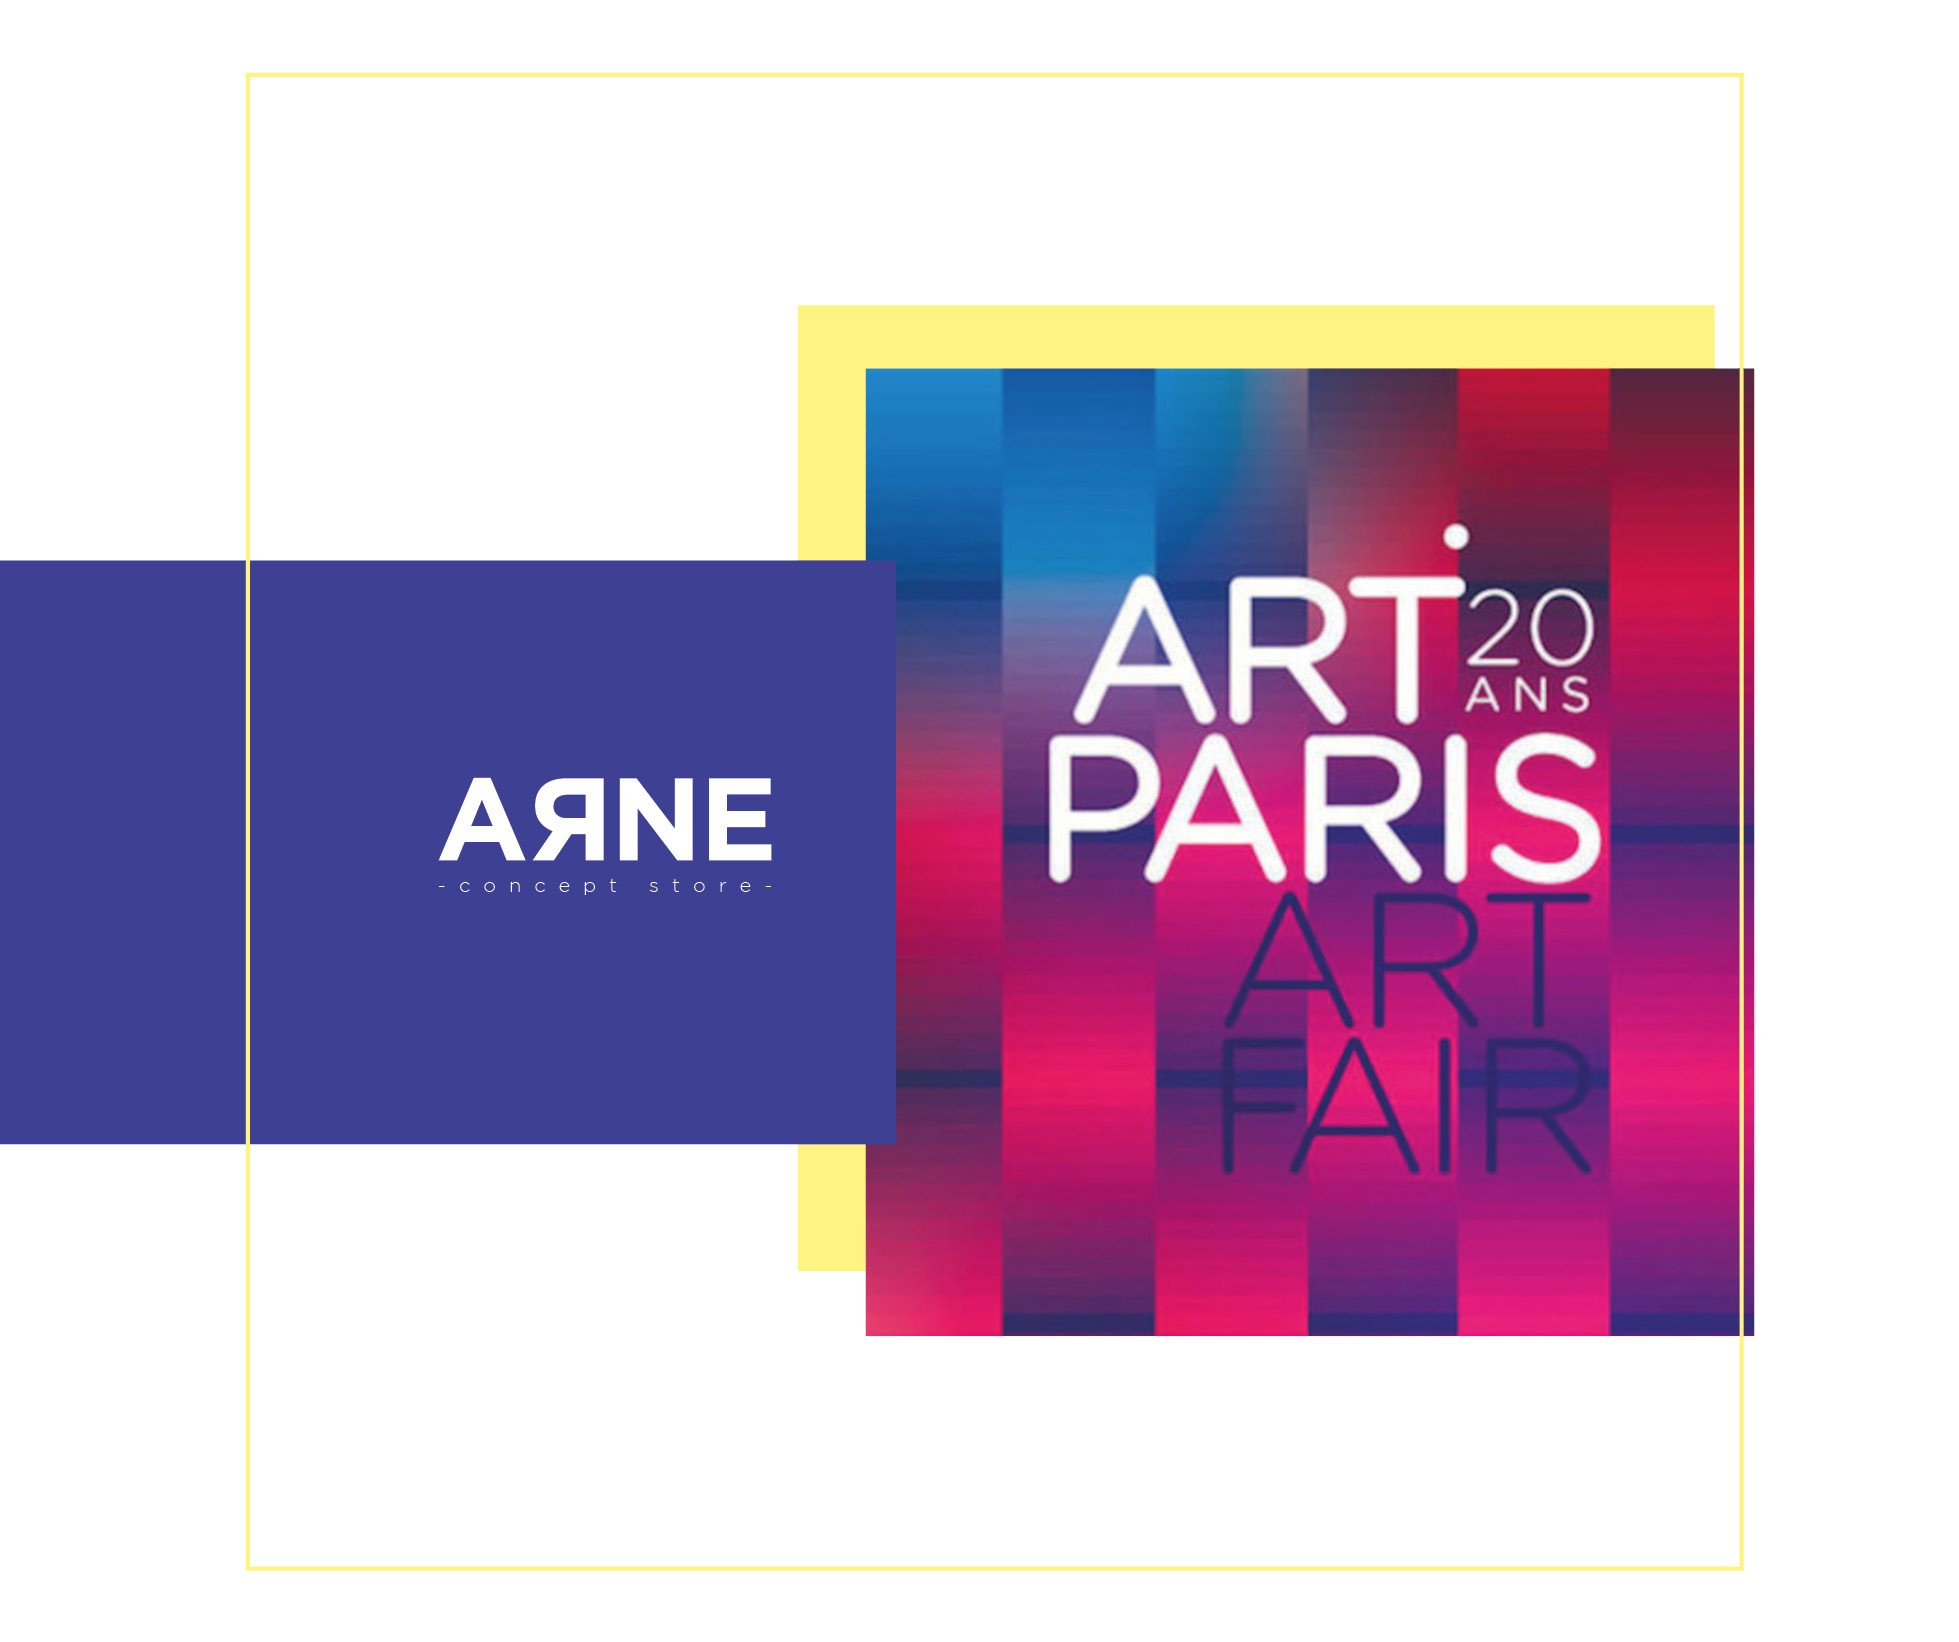 ART PARIS c'est maintenant !